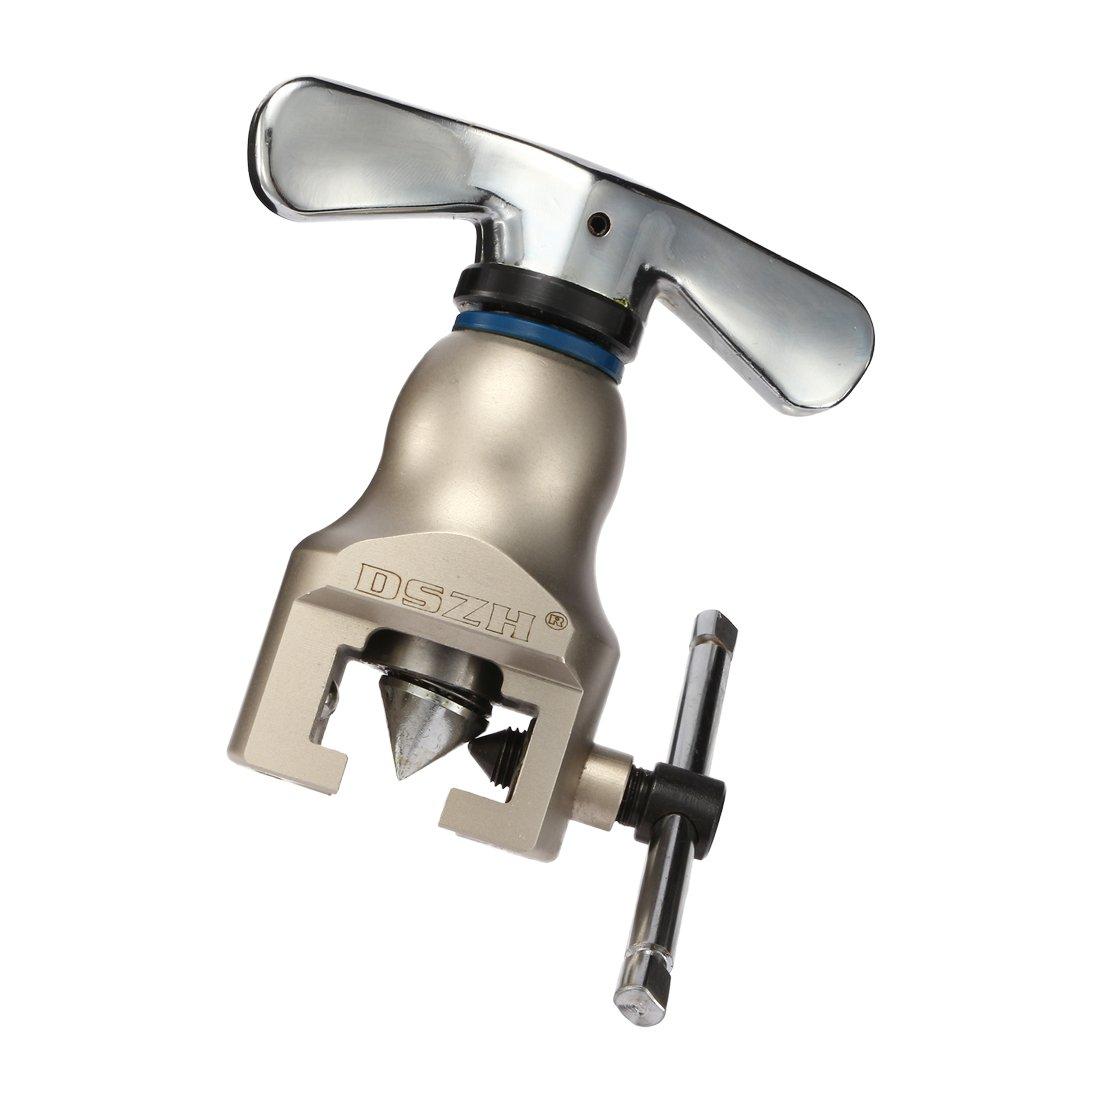 Tubo expansor hidr/áulico ampliar herramienta /útil set de estampado